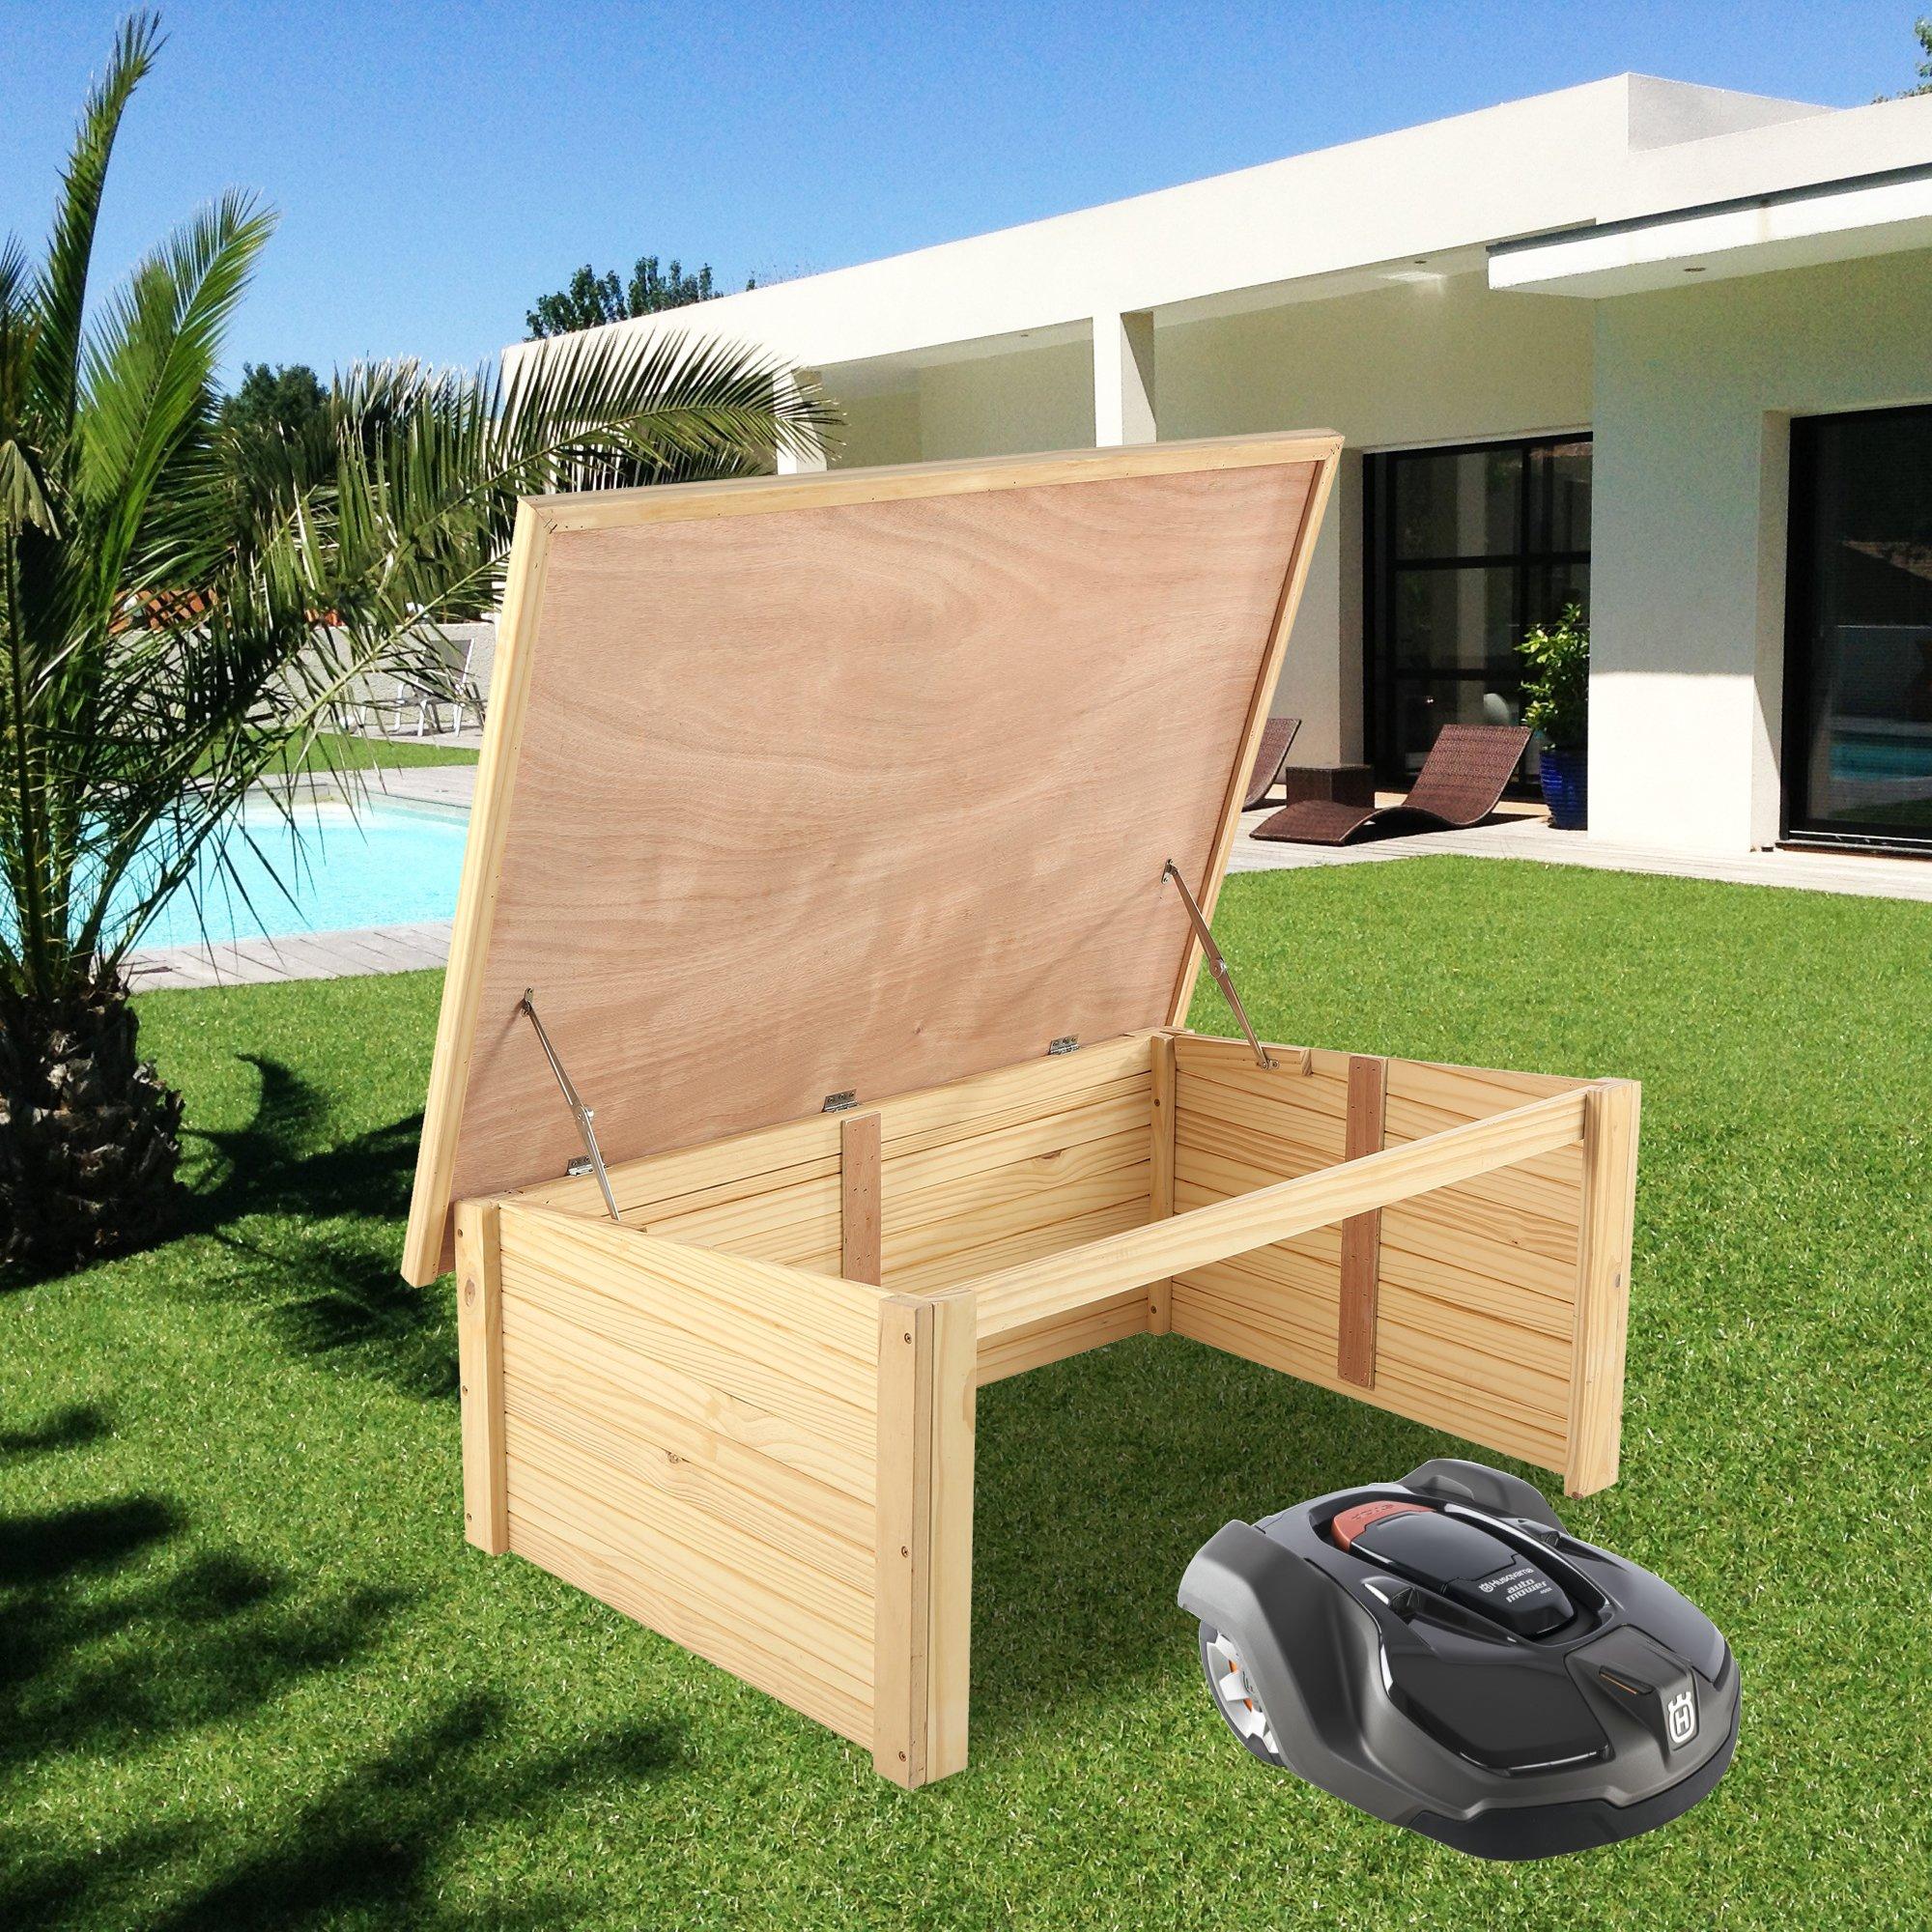 zelsius m hroboter holzgarage carport f r rasenroboter unterstand rasenm her ebay. Black Bedroom Furniture Sets. Home Design Ideas